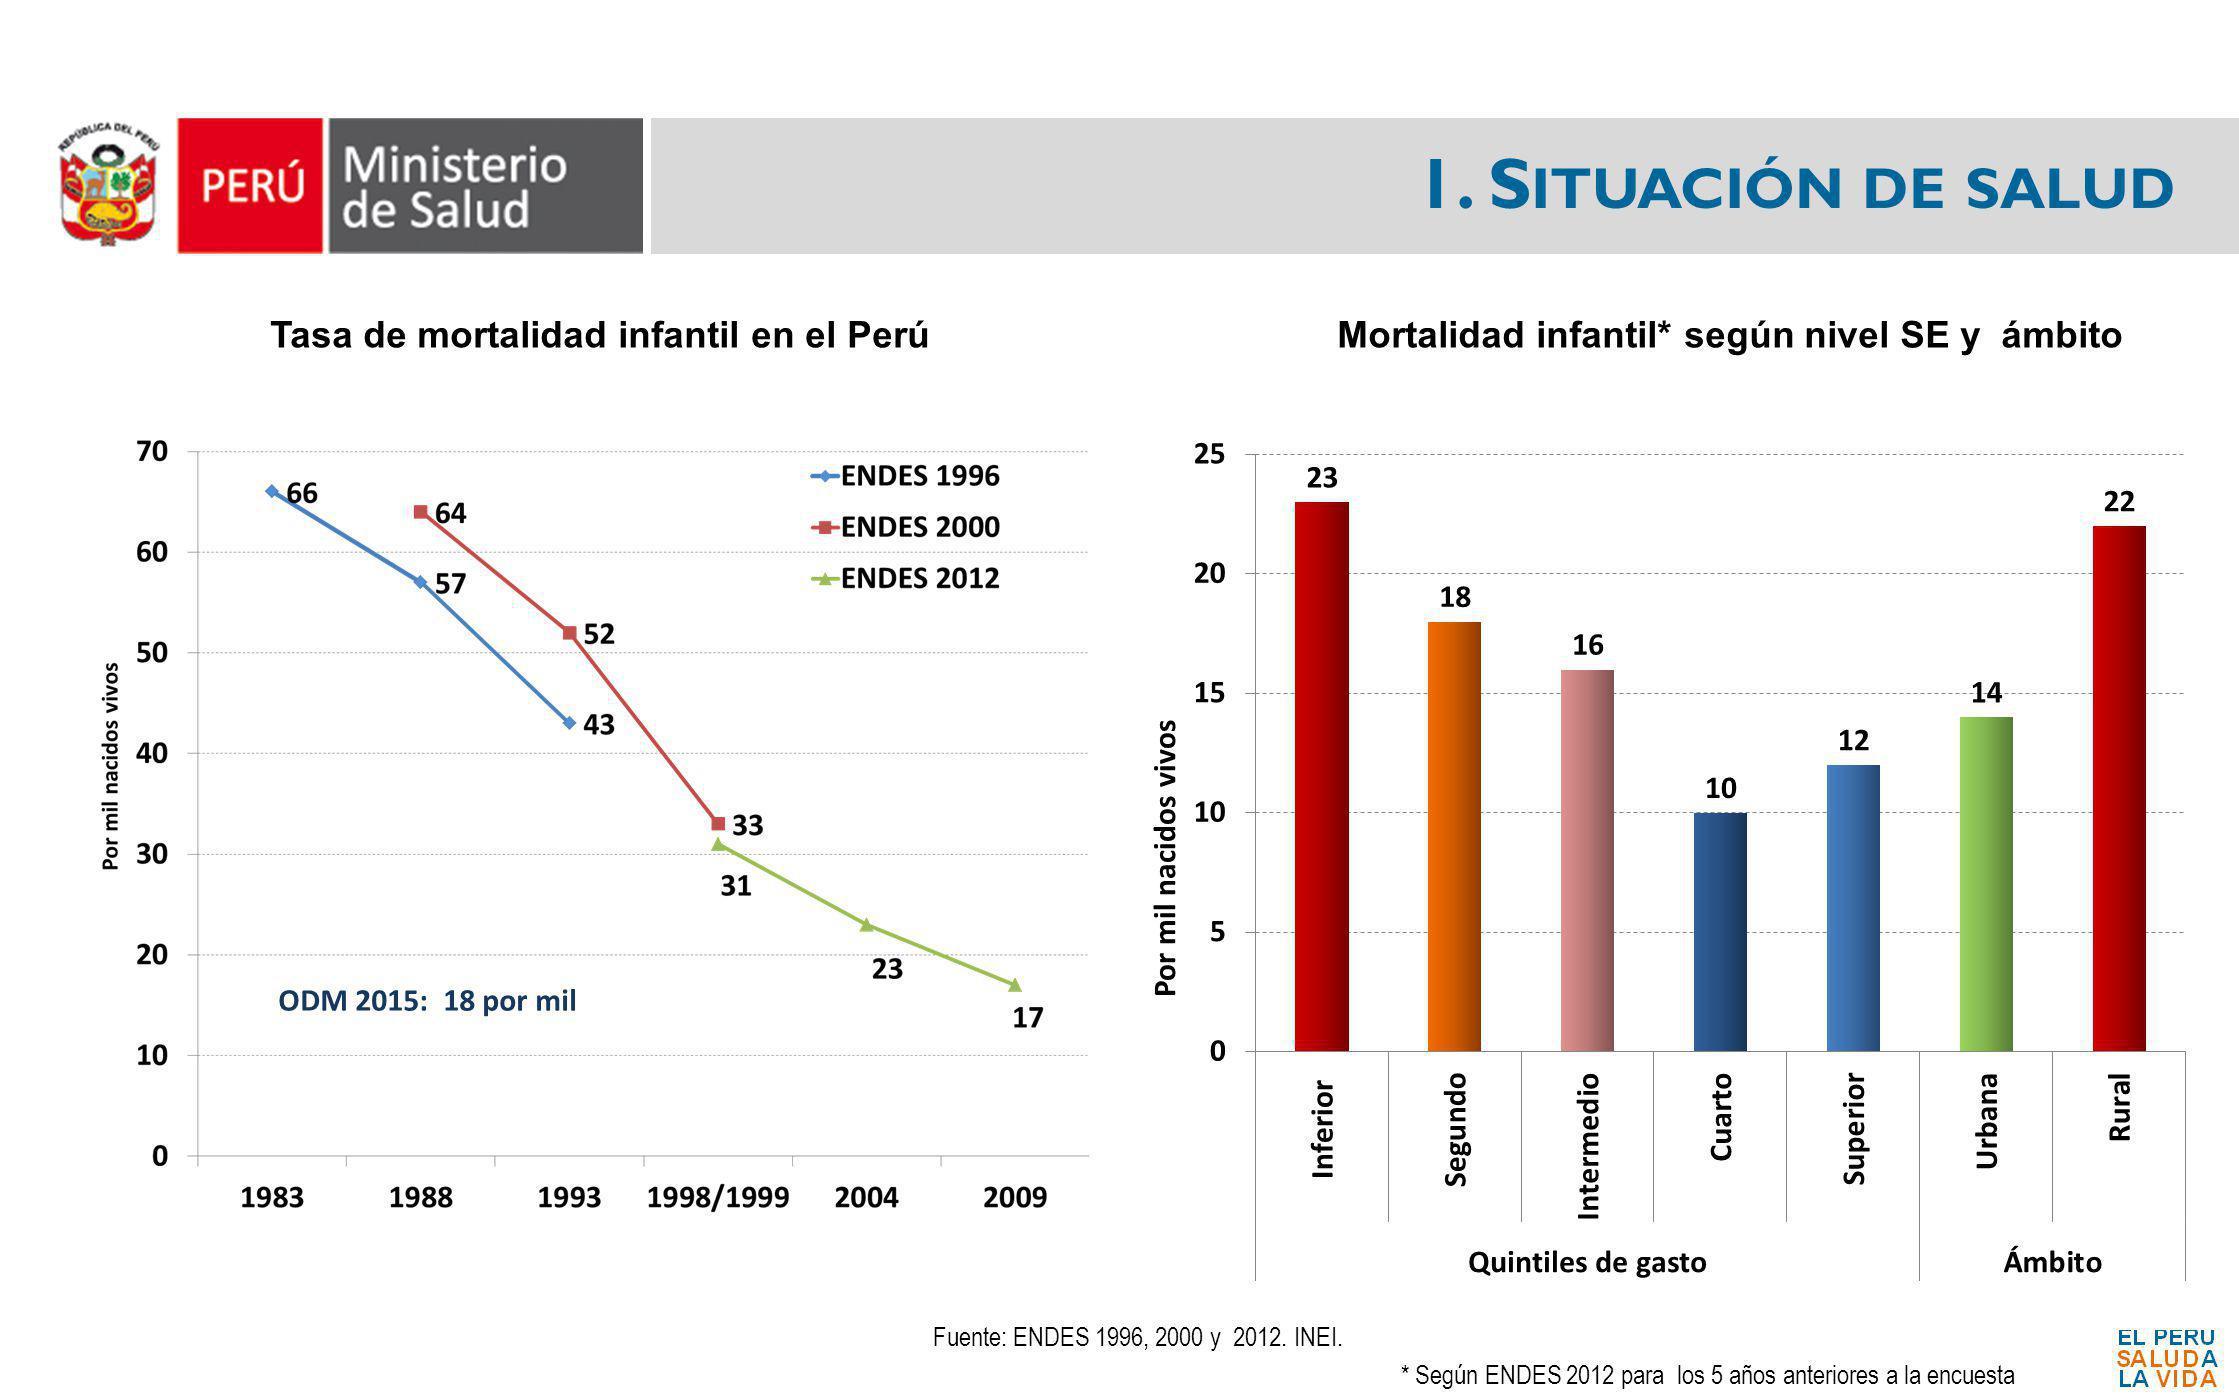 1.S ITUACIÓN DE SALUD Tasa de mortalidad neonatal en el Perú Fuente: ENDES 2000 - 2012.